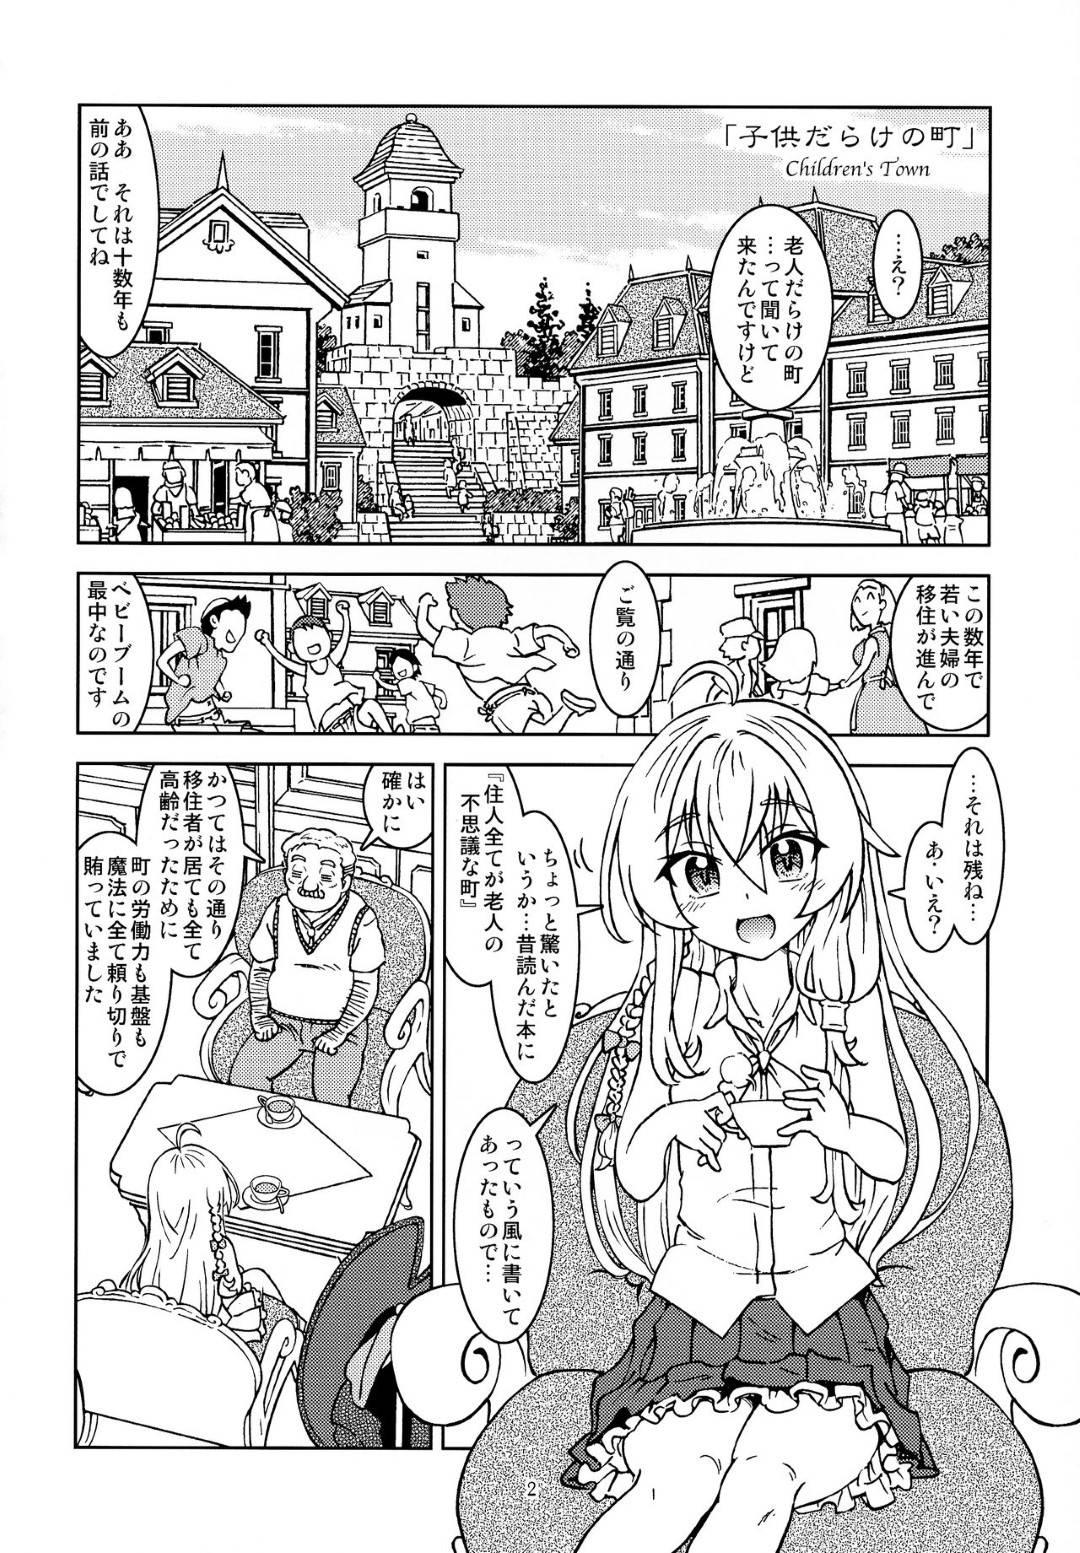 【魔女の旅々エロ漫画】街の祭りに参加させられた魔女は、街の男達とのセックスで処女喪失する【まだ子】